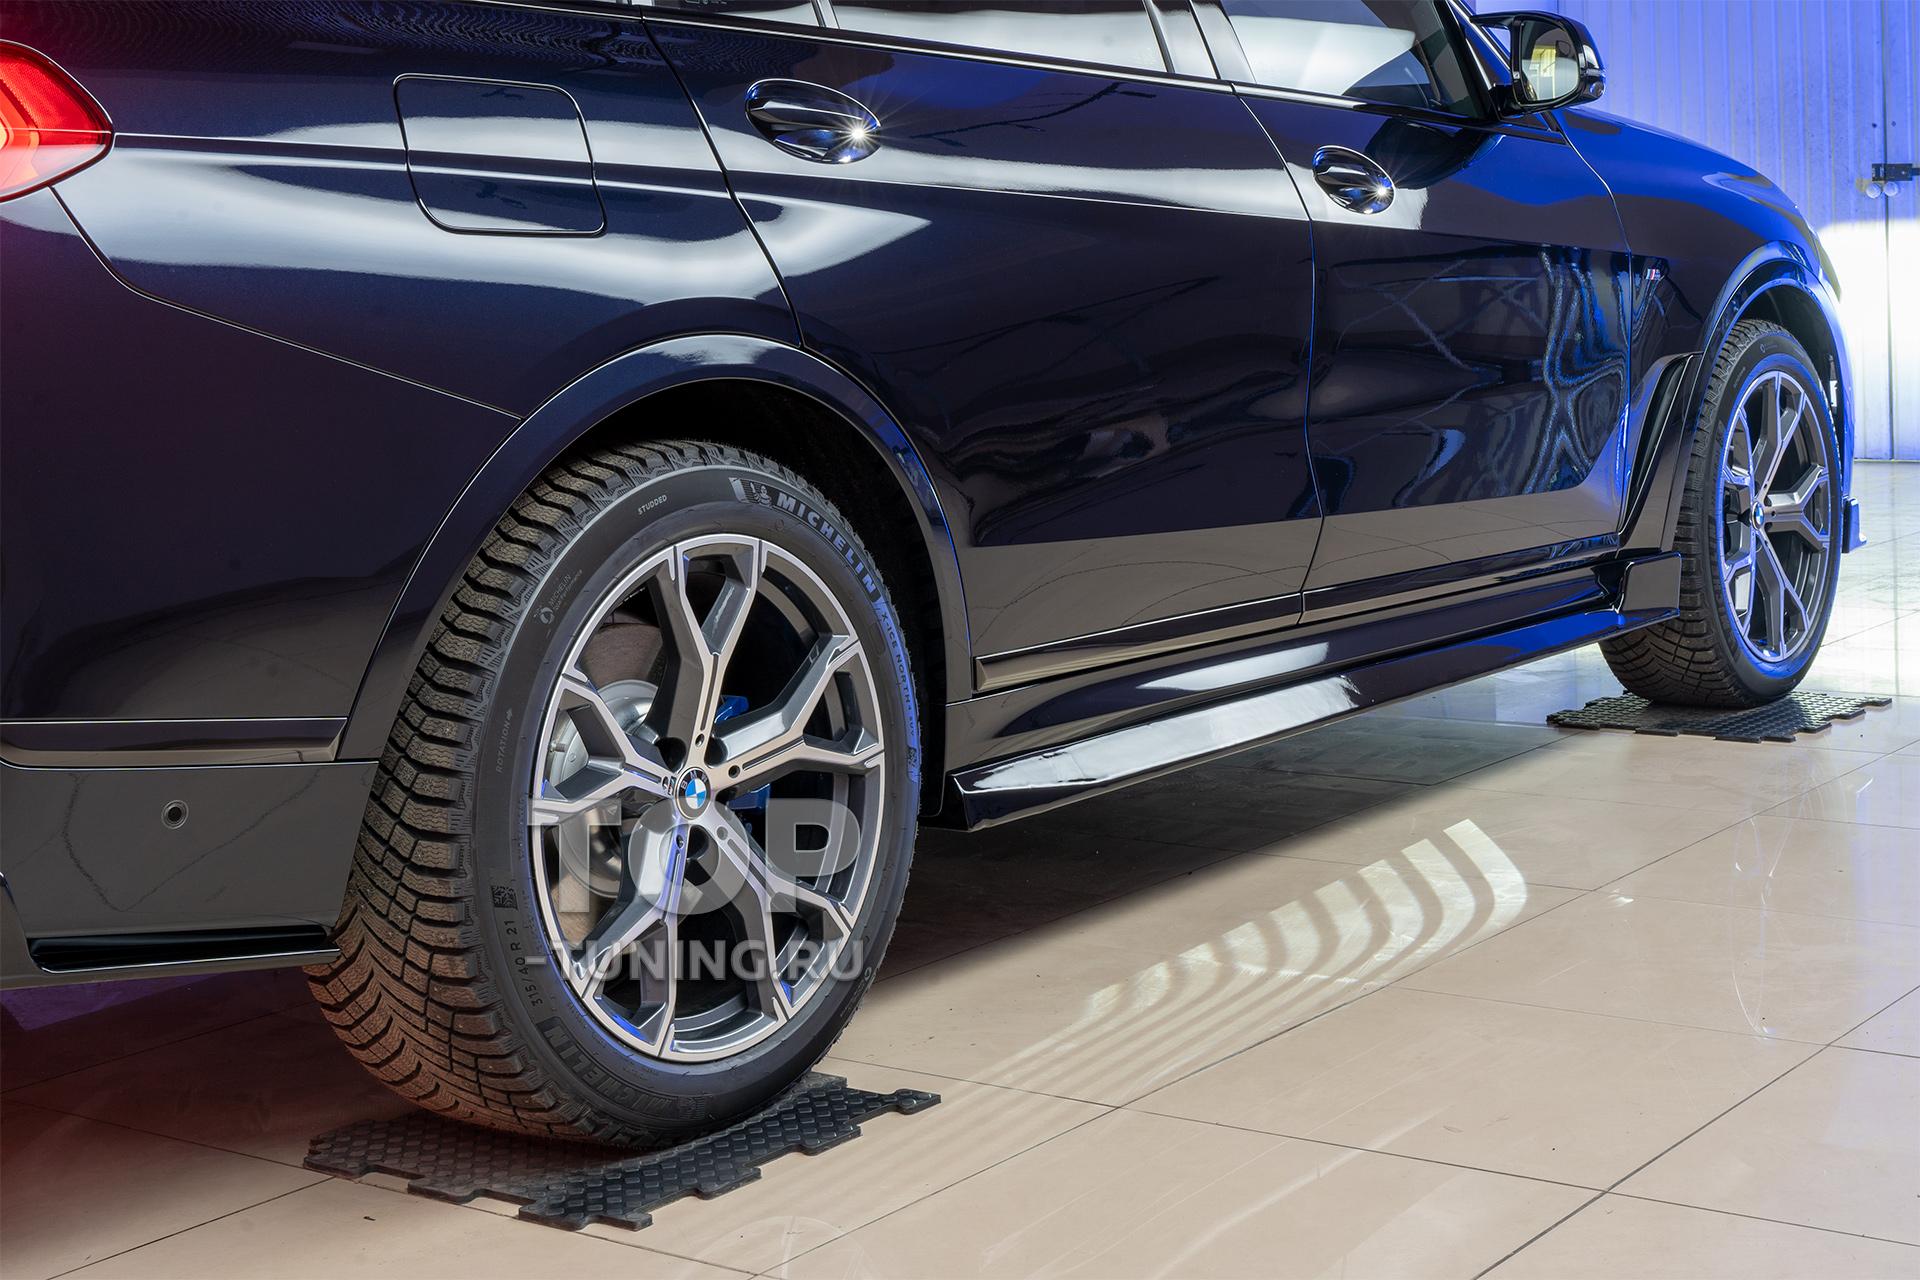 Тюнинг обвес GT PRO для BMW X7 G07 - пороги, элероны